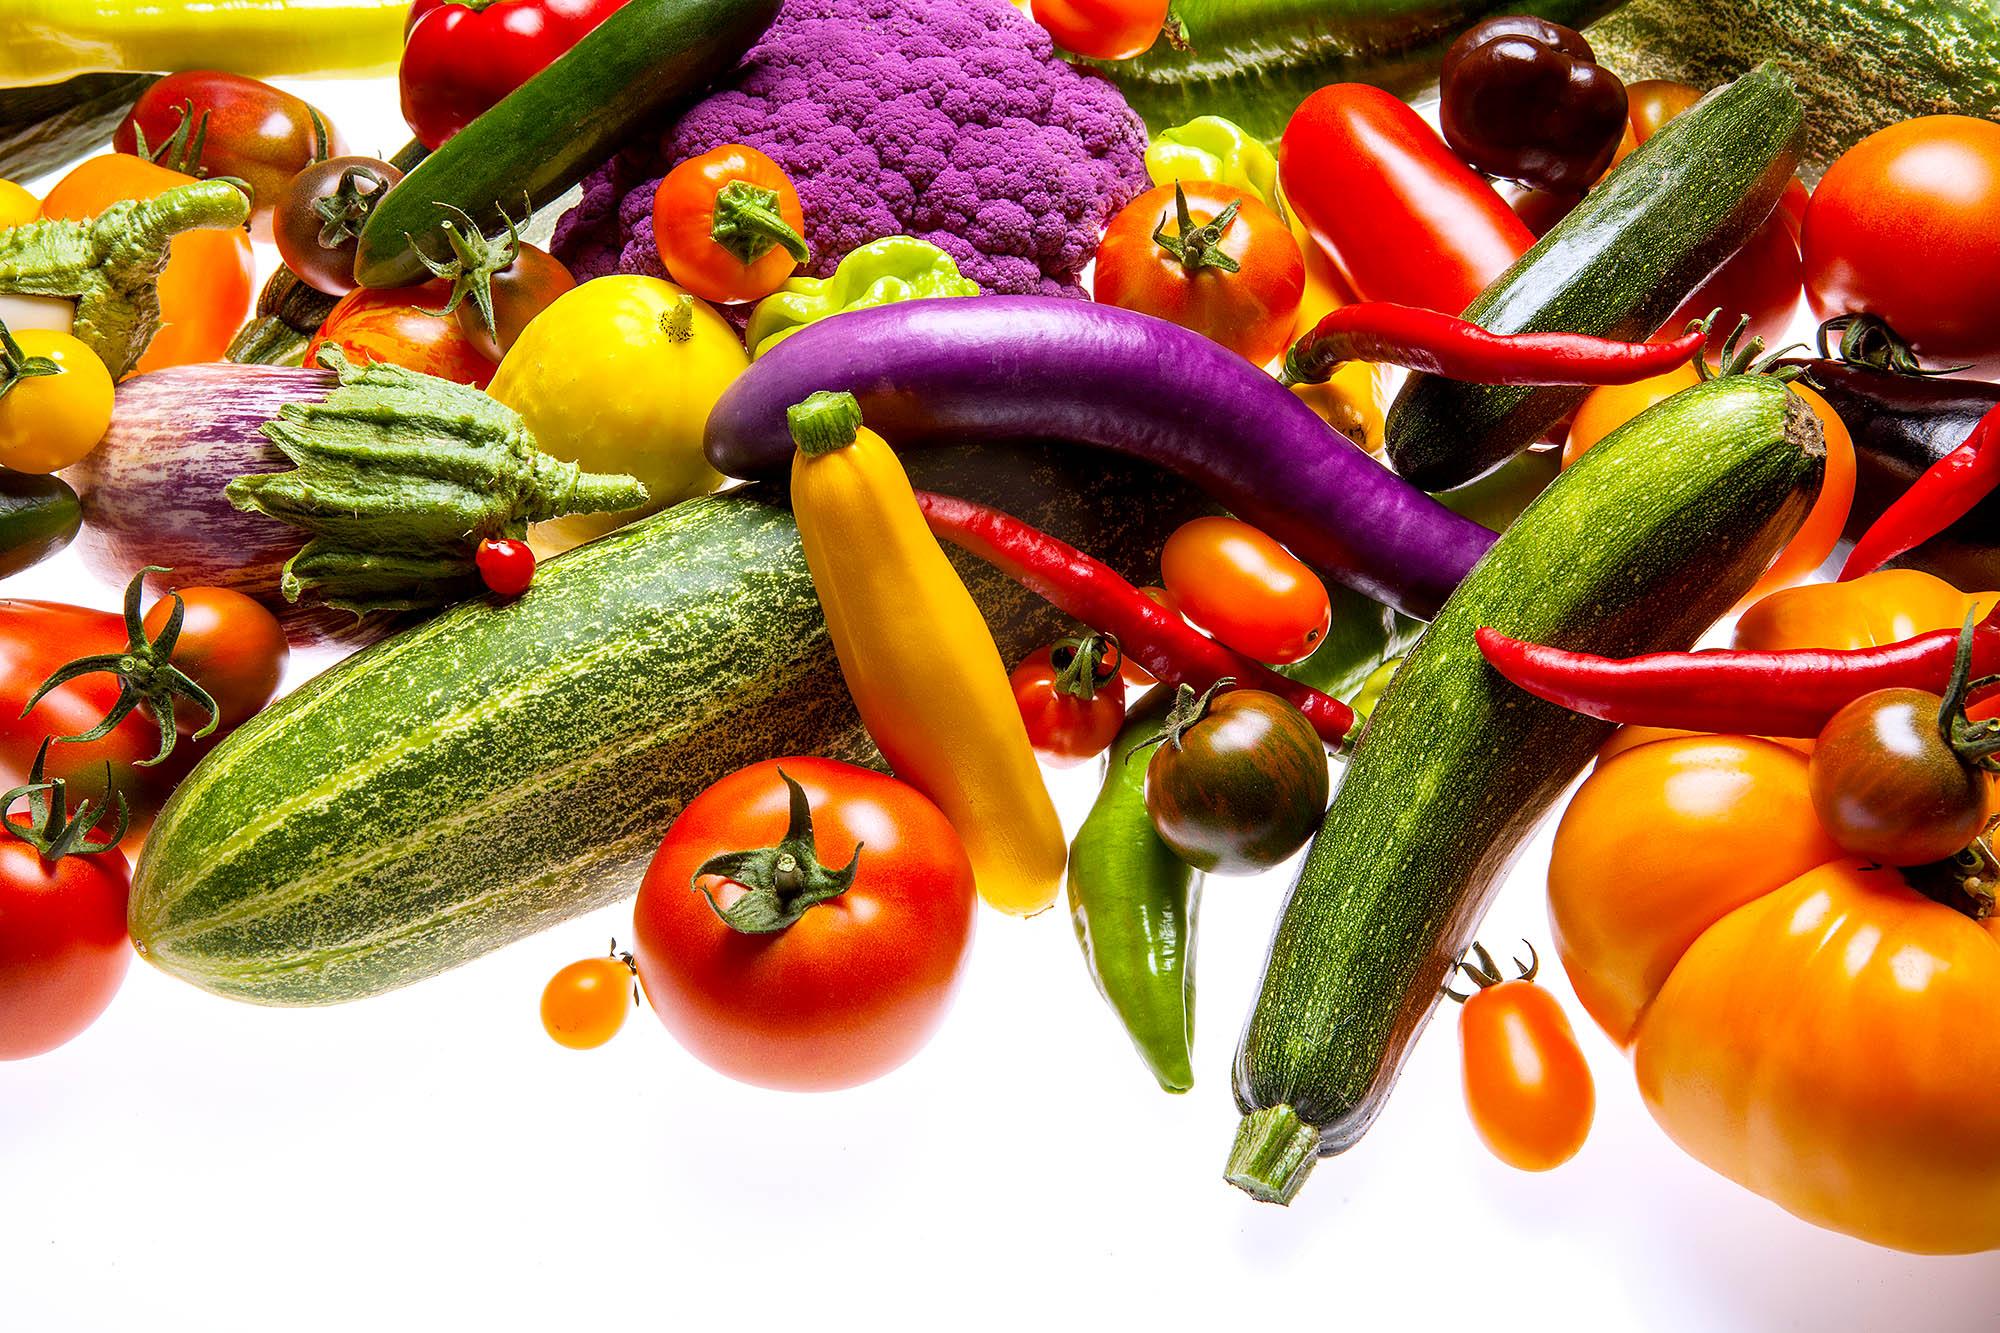 Food Gemüse, bunt, buntes, Lila,grün und rot